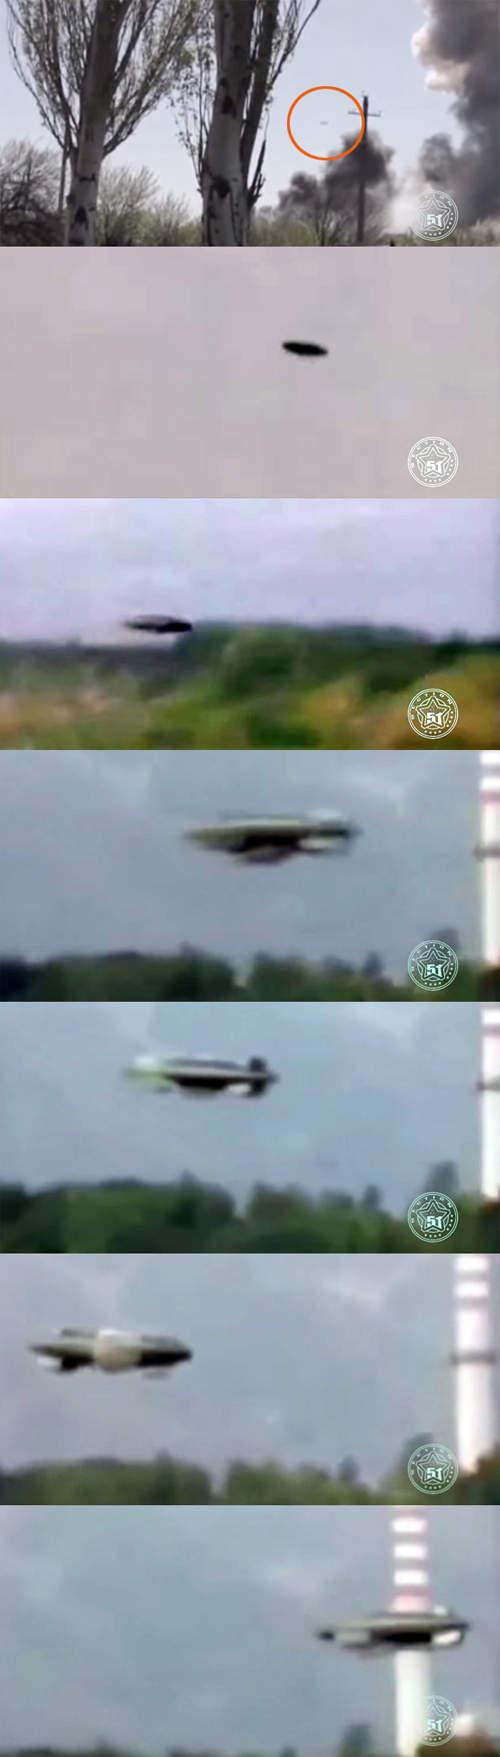 烏克蘭飛碟目擊 UFO表示:知道你們像素不好所以自己靠近一點...